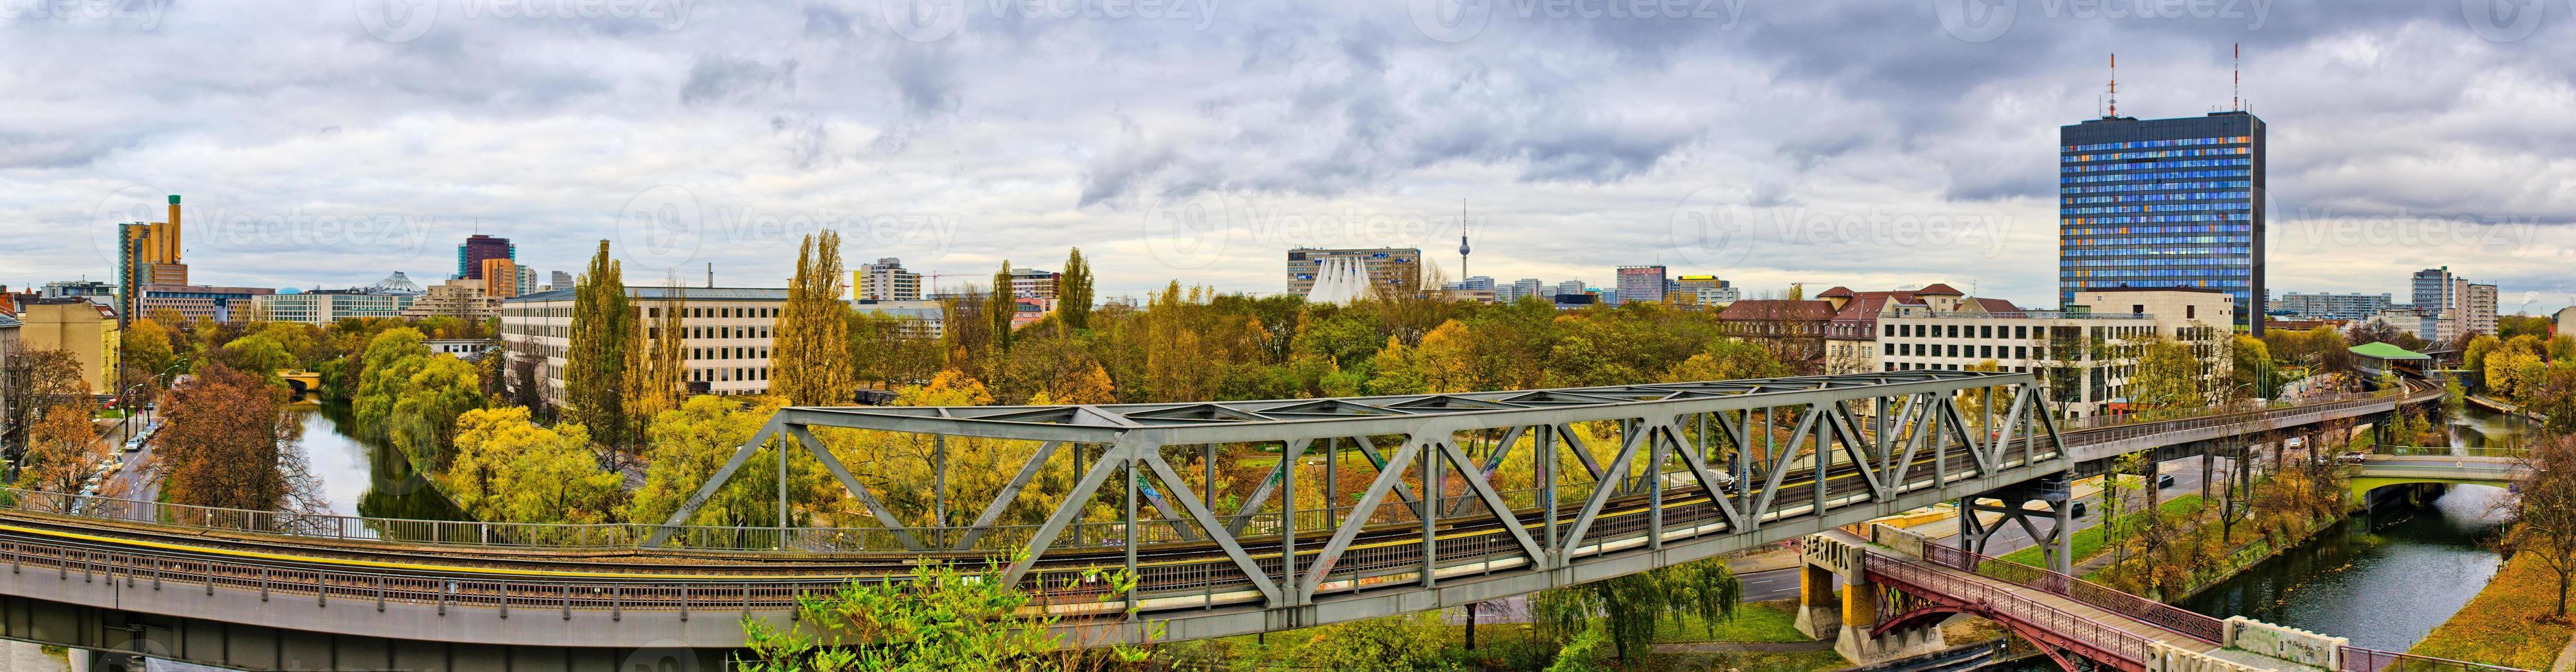 panorama i berlin med järnväg på första plan foto